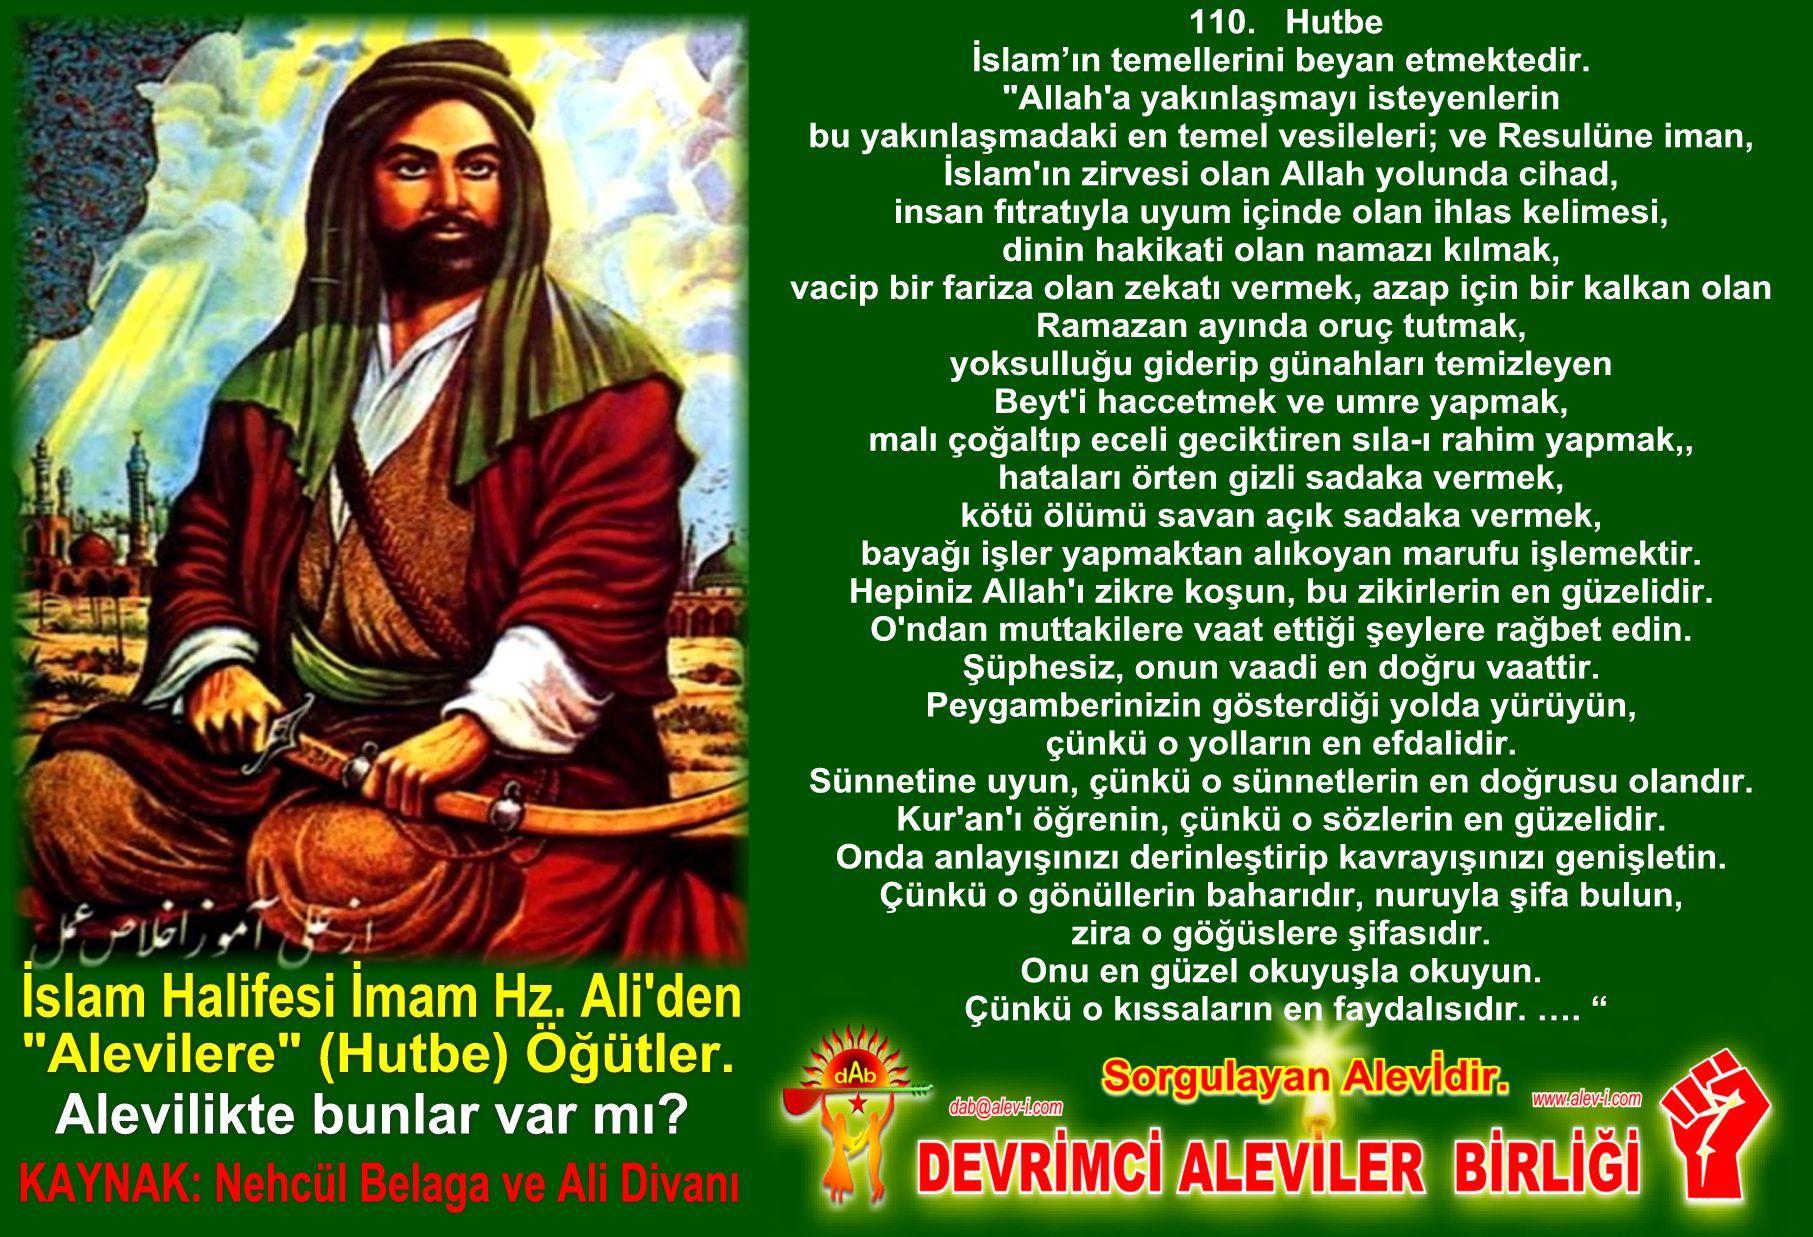 Devrimci Aleviler Birliği DAB Alevi Kızılbaş Bektaşi pir sultan cem hz Ali 12 imam semah Feramuz Şah Acar halife imam hz ali den inciler 5